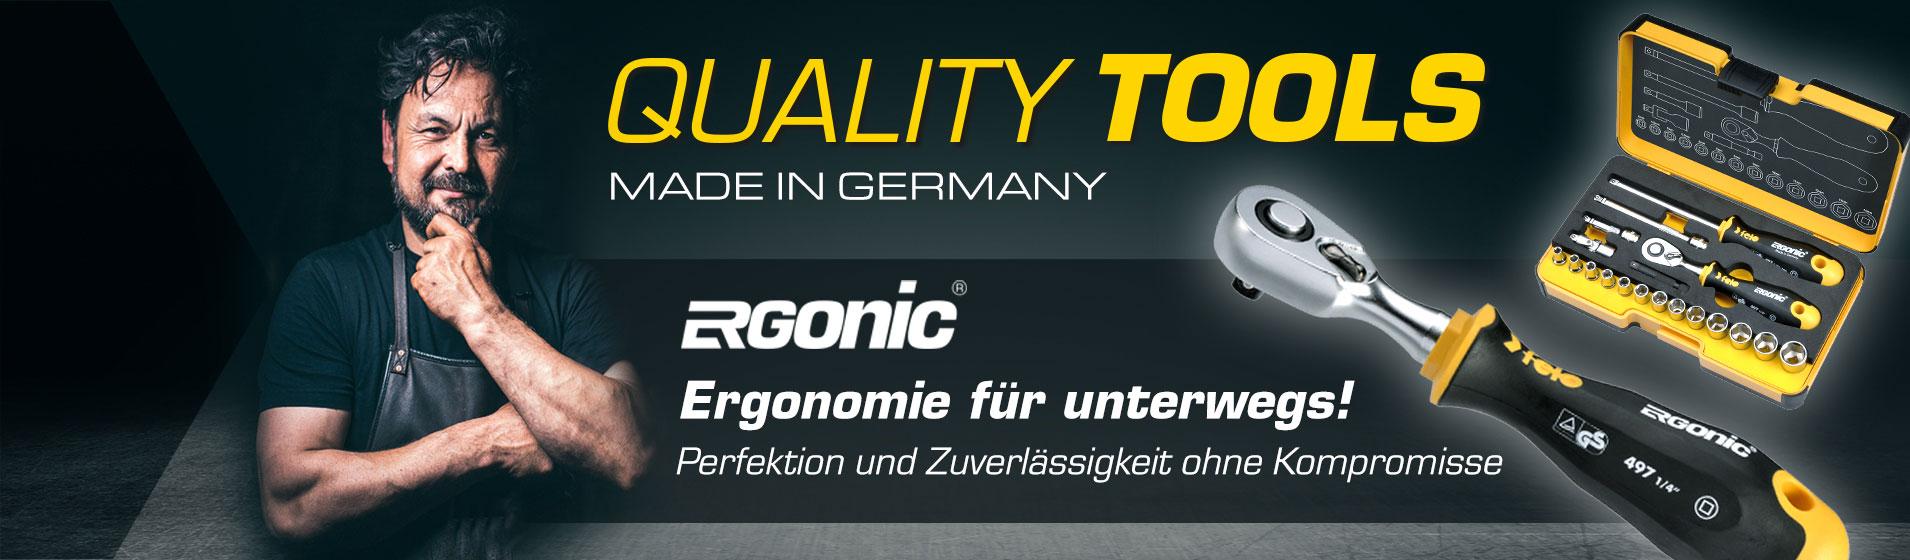 [Translate to RU:] FELO R-GO - Ergonomische Werkzeugset für unterwegs